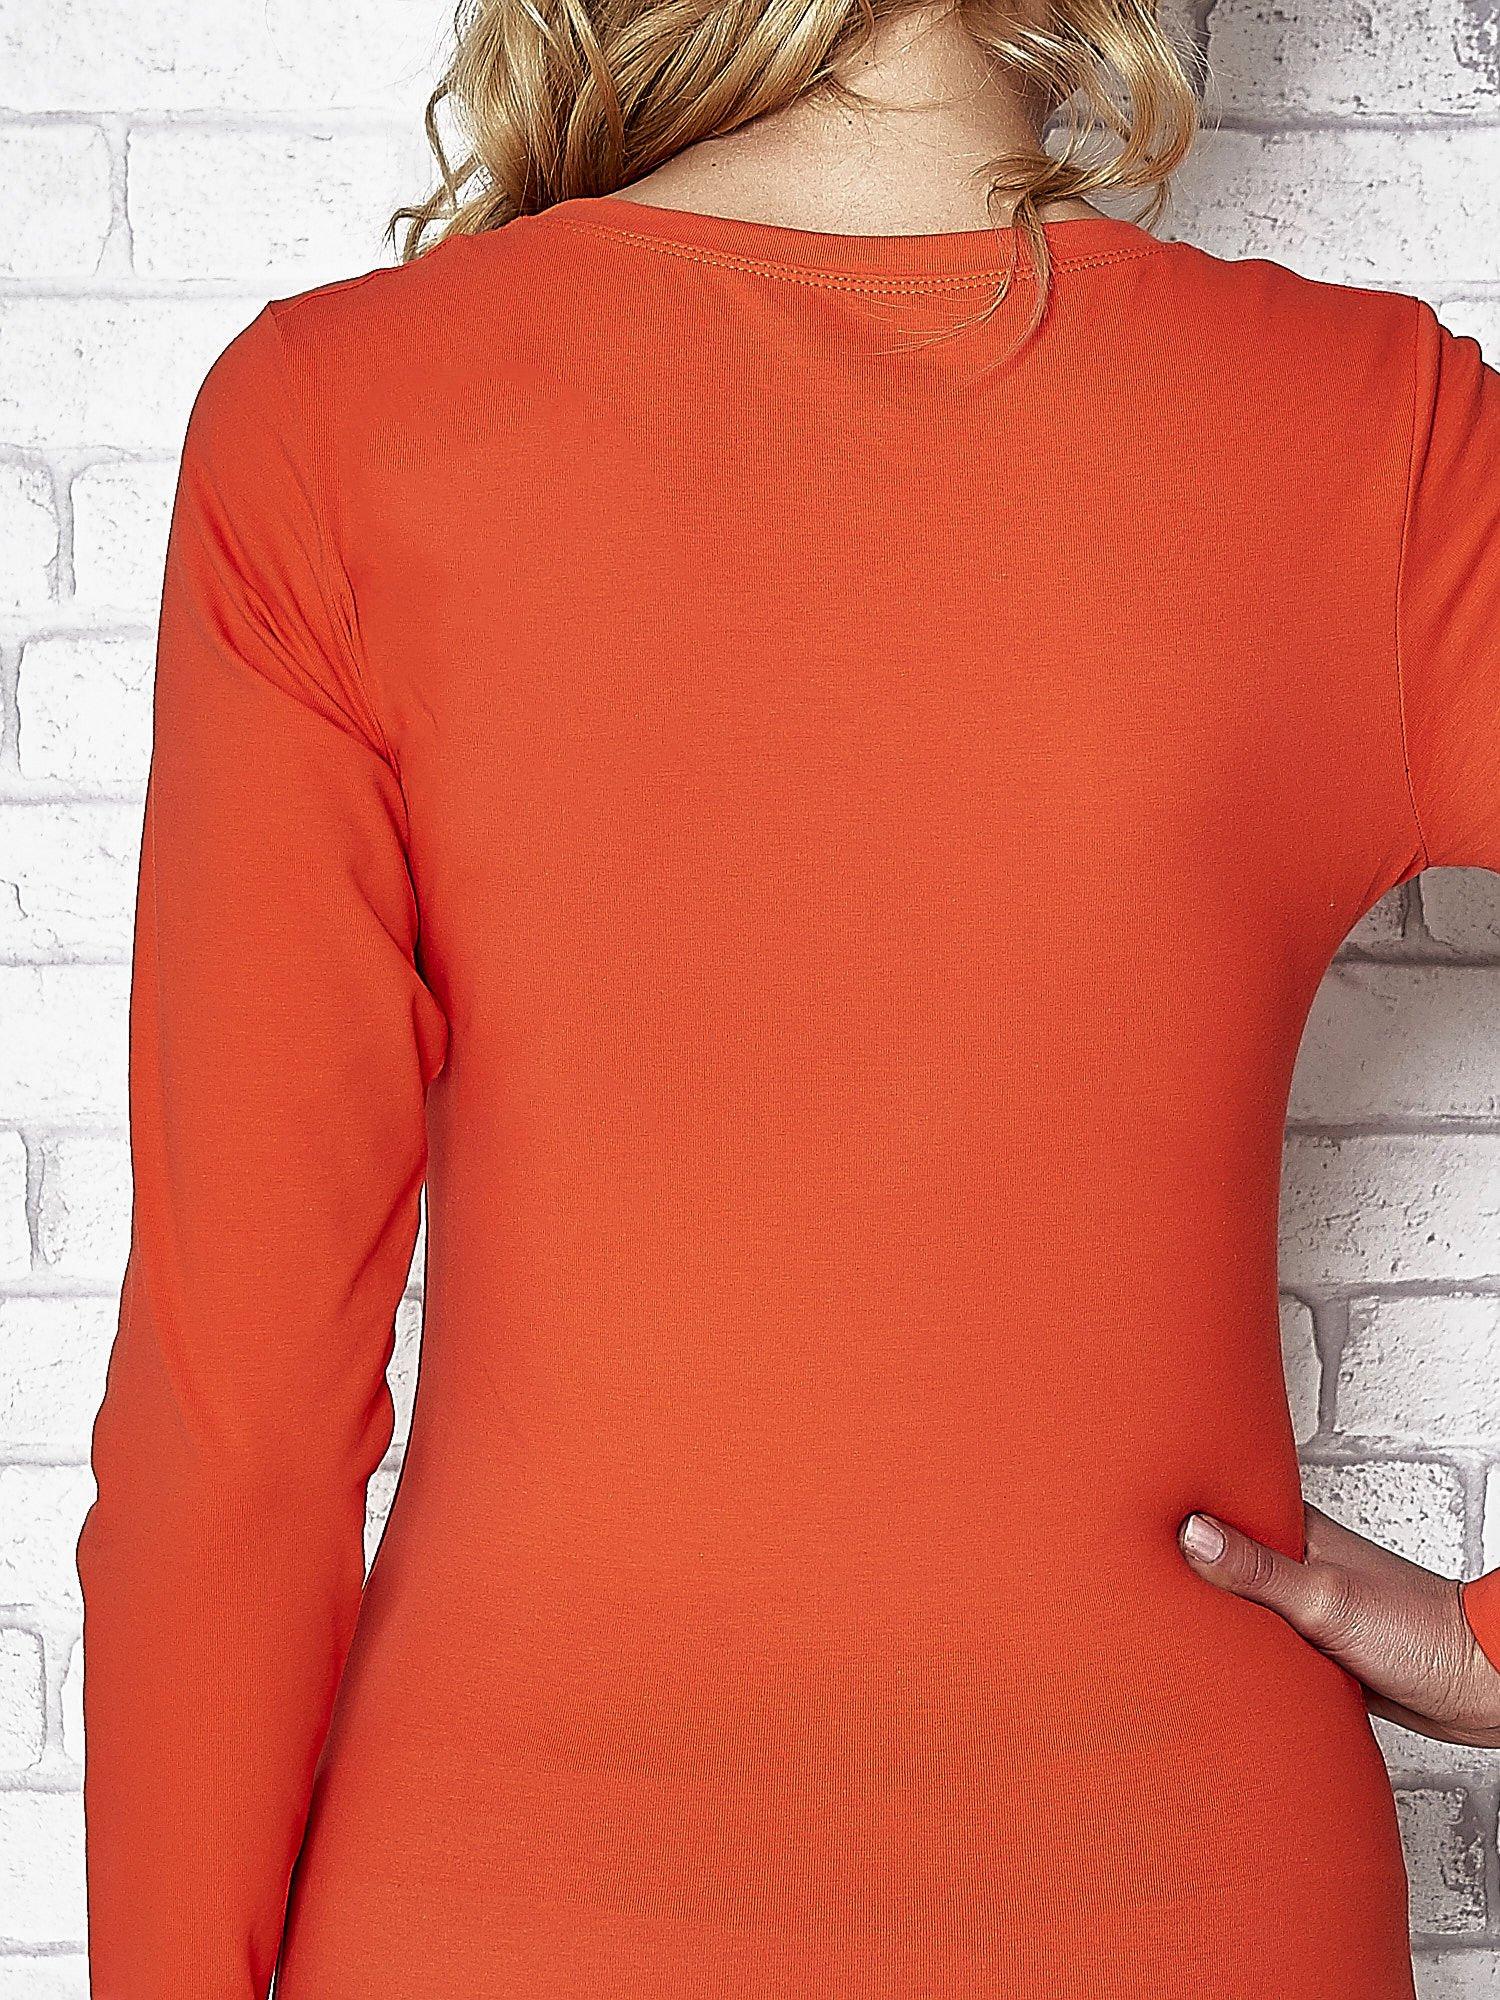 Ciemnopomarańczowa bluzka sportowa z dekoltem U                                  zdj.                                  6